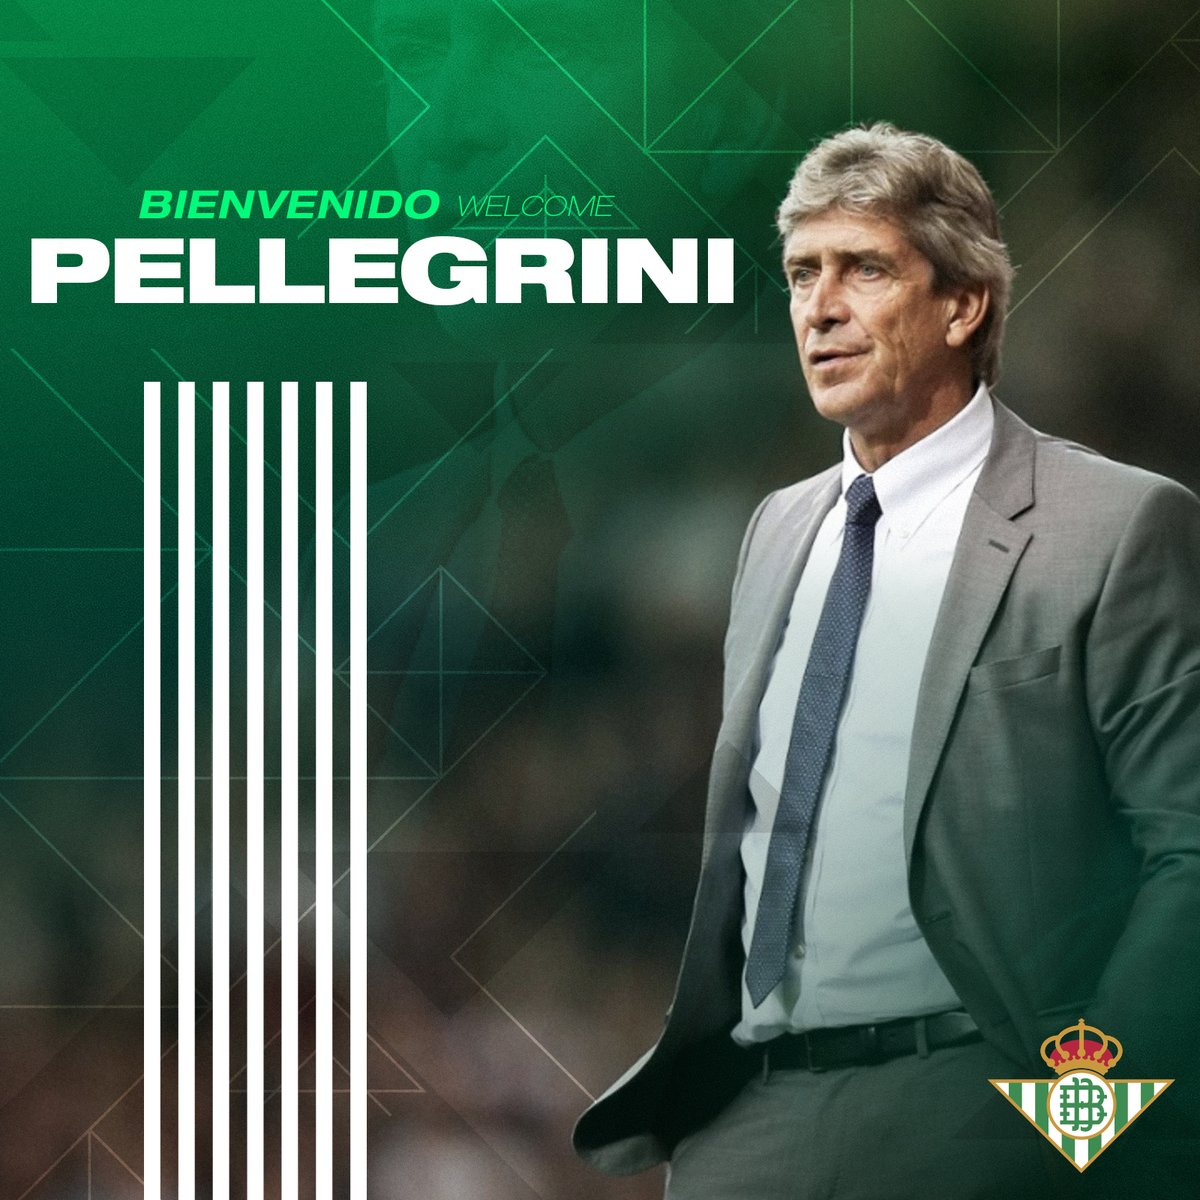 📣 OFICIAL | Manuel Pellegrini, entrenador del #RealBetis a partir de la próxima temporada 🤝🆕💚 ¡Bienvenido! 👋🇨🇱 ➡ realbetisbalompie.es/noticias/actua…